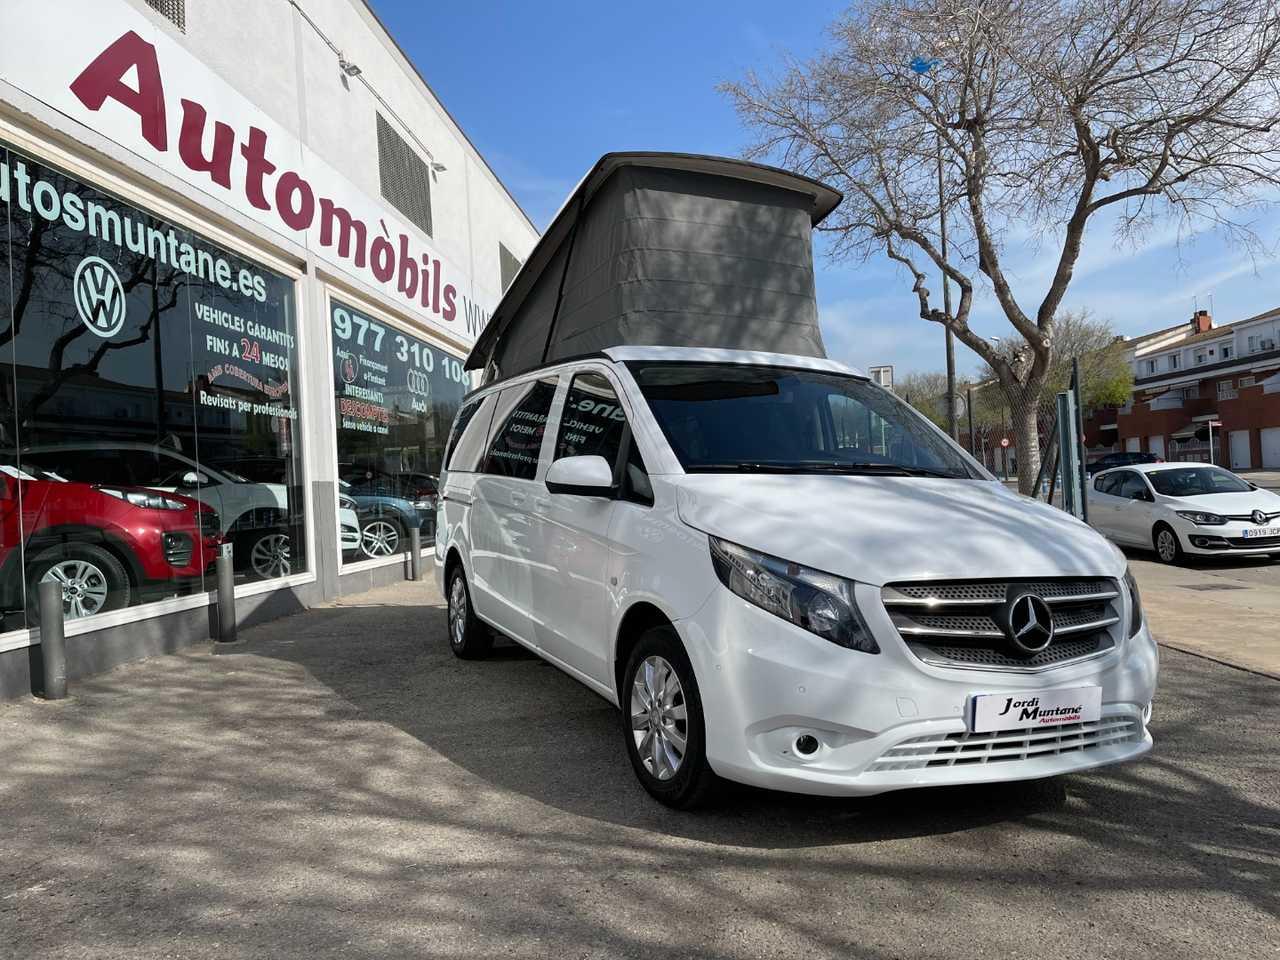 Mercedes Vito 200 d Marco Polo Activity .-